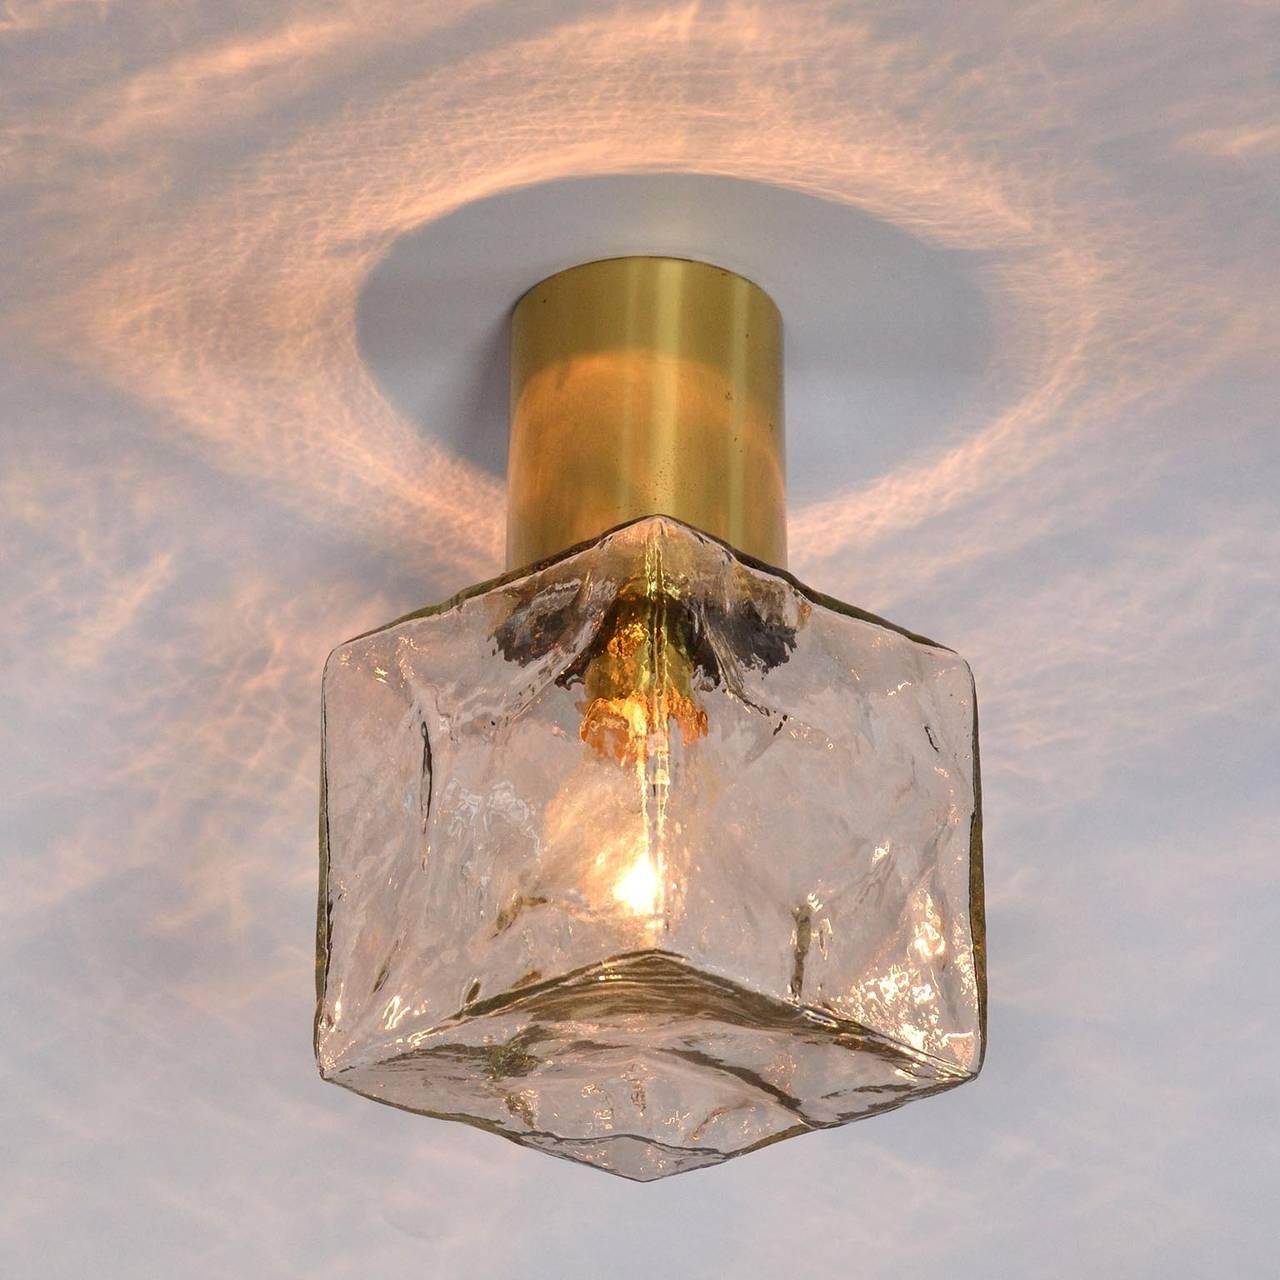 Modern Contemporary Pendant Light Fixtures